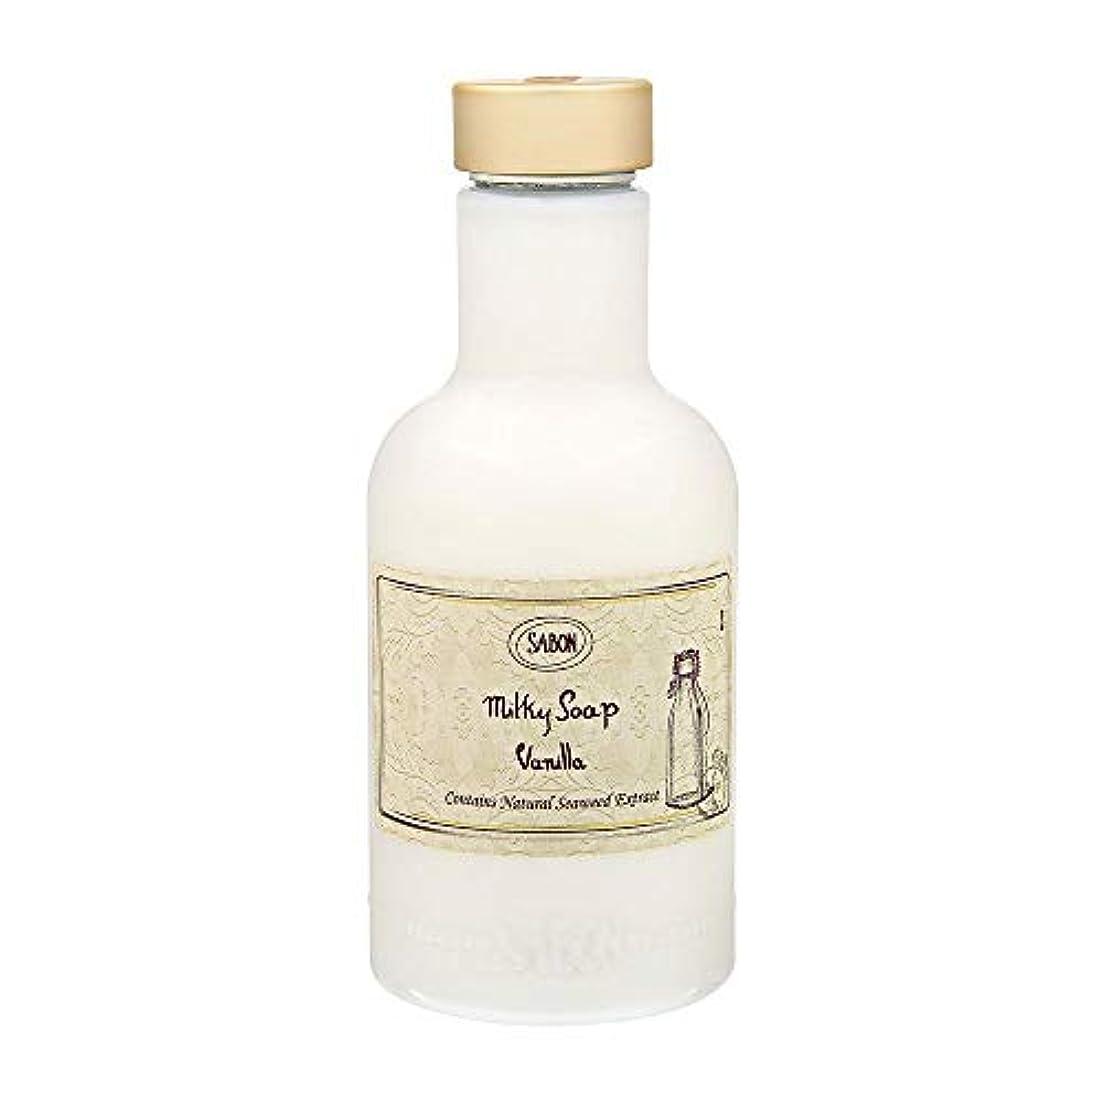 証明同様のカフェサボン(SABON) ミルキーソープ バニラ [並行輸入品]